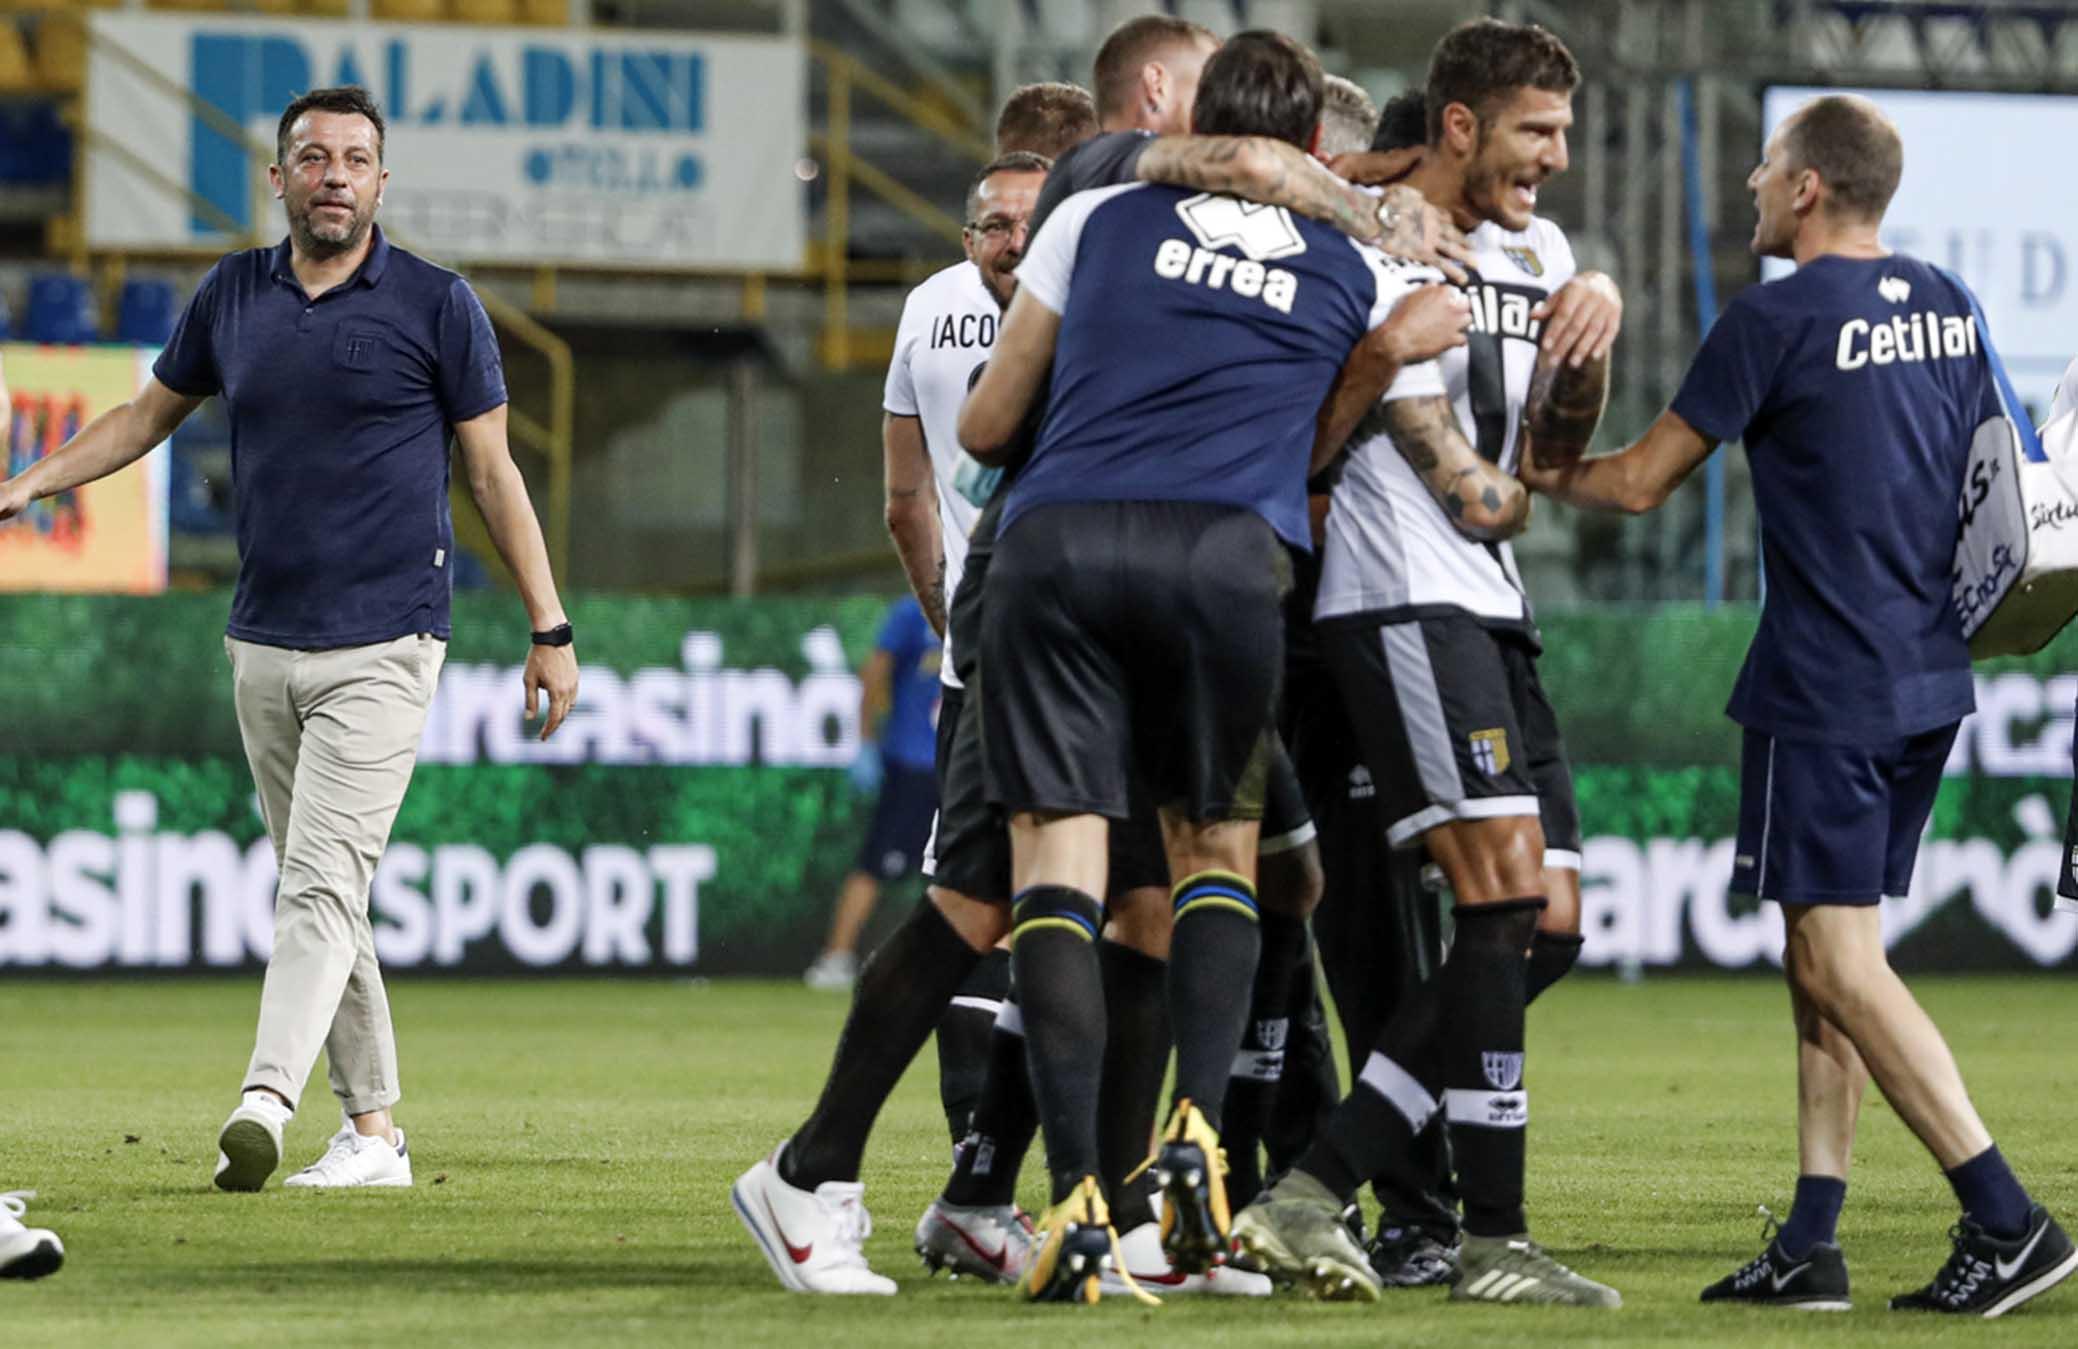 Il Parma torna a vincere e festeggia la salvezza - Forza Parma